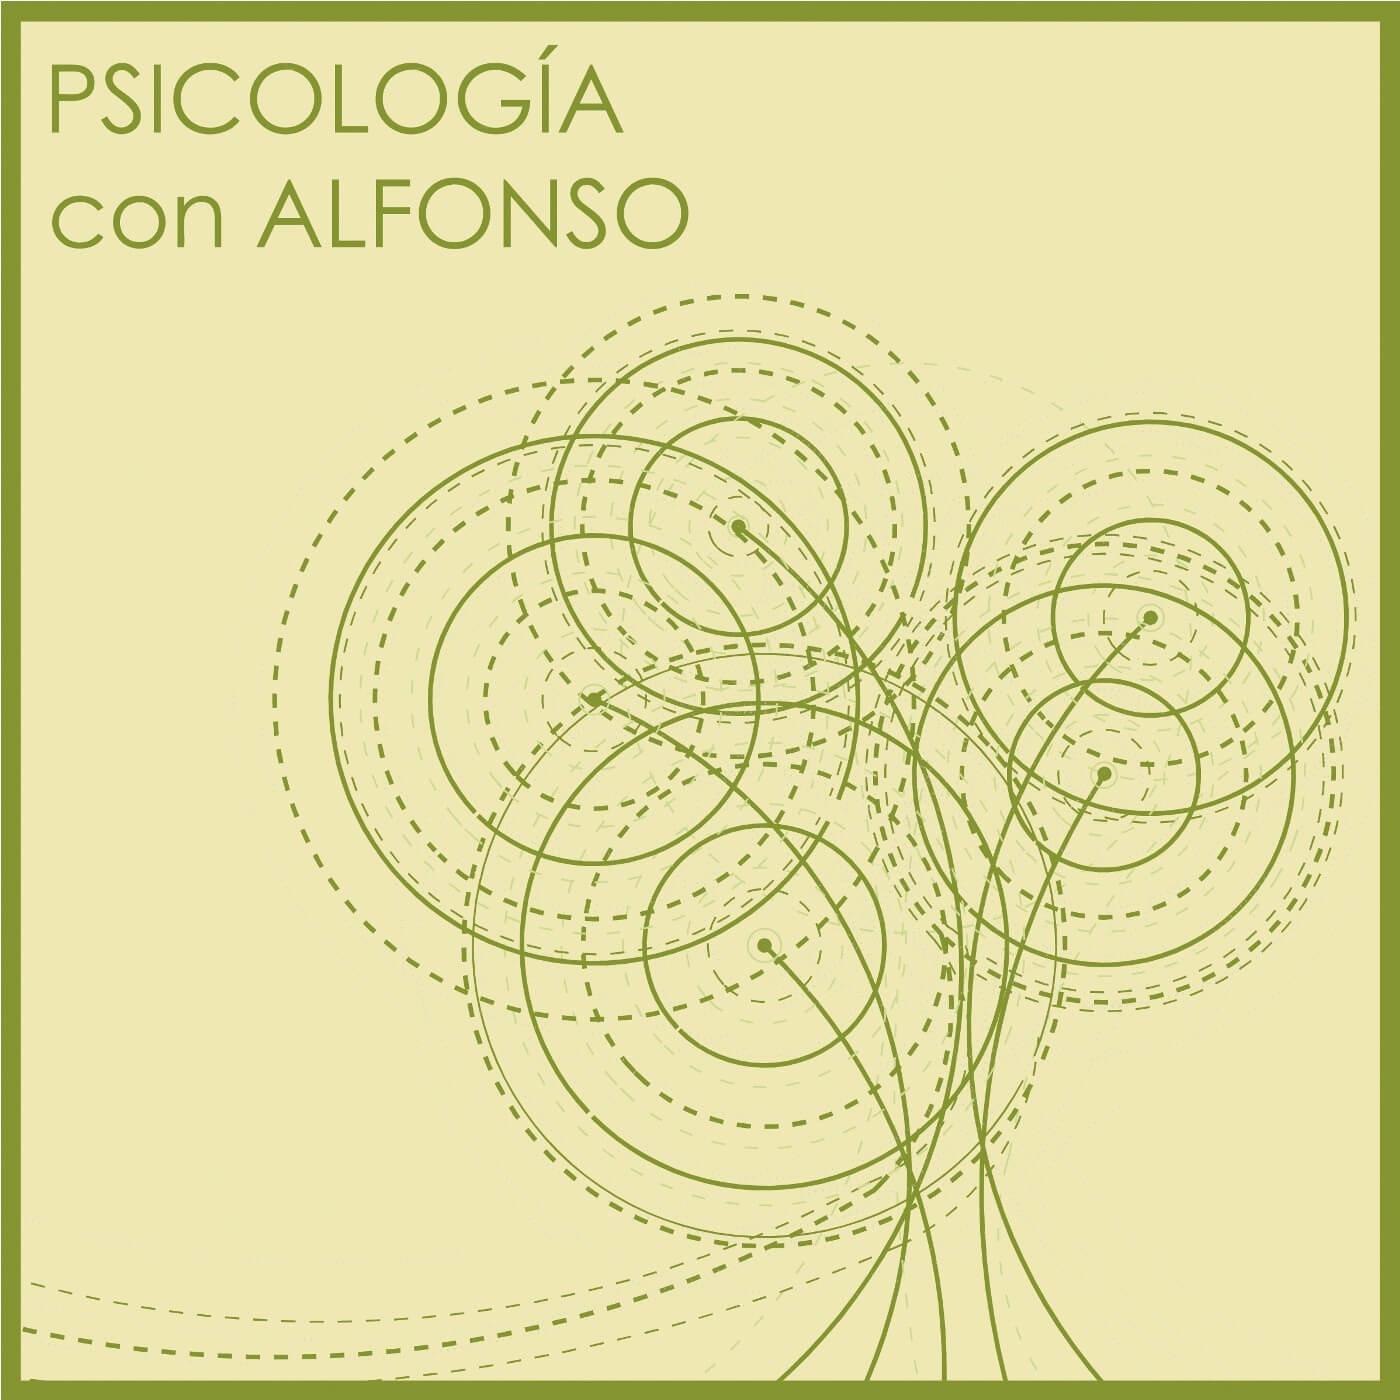 Organizaciones positivas. Psicología positiva VIII